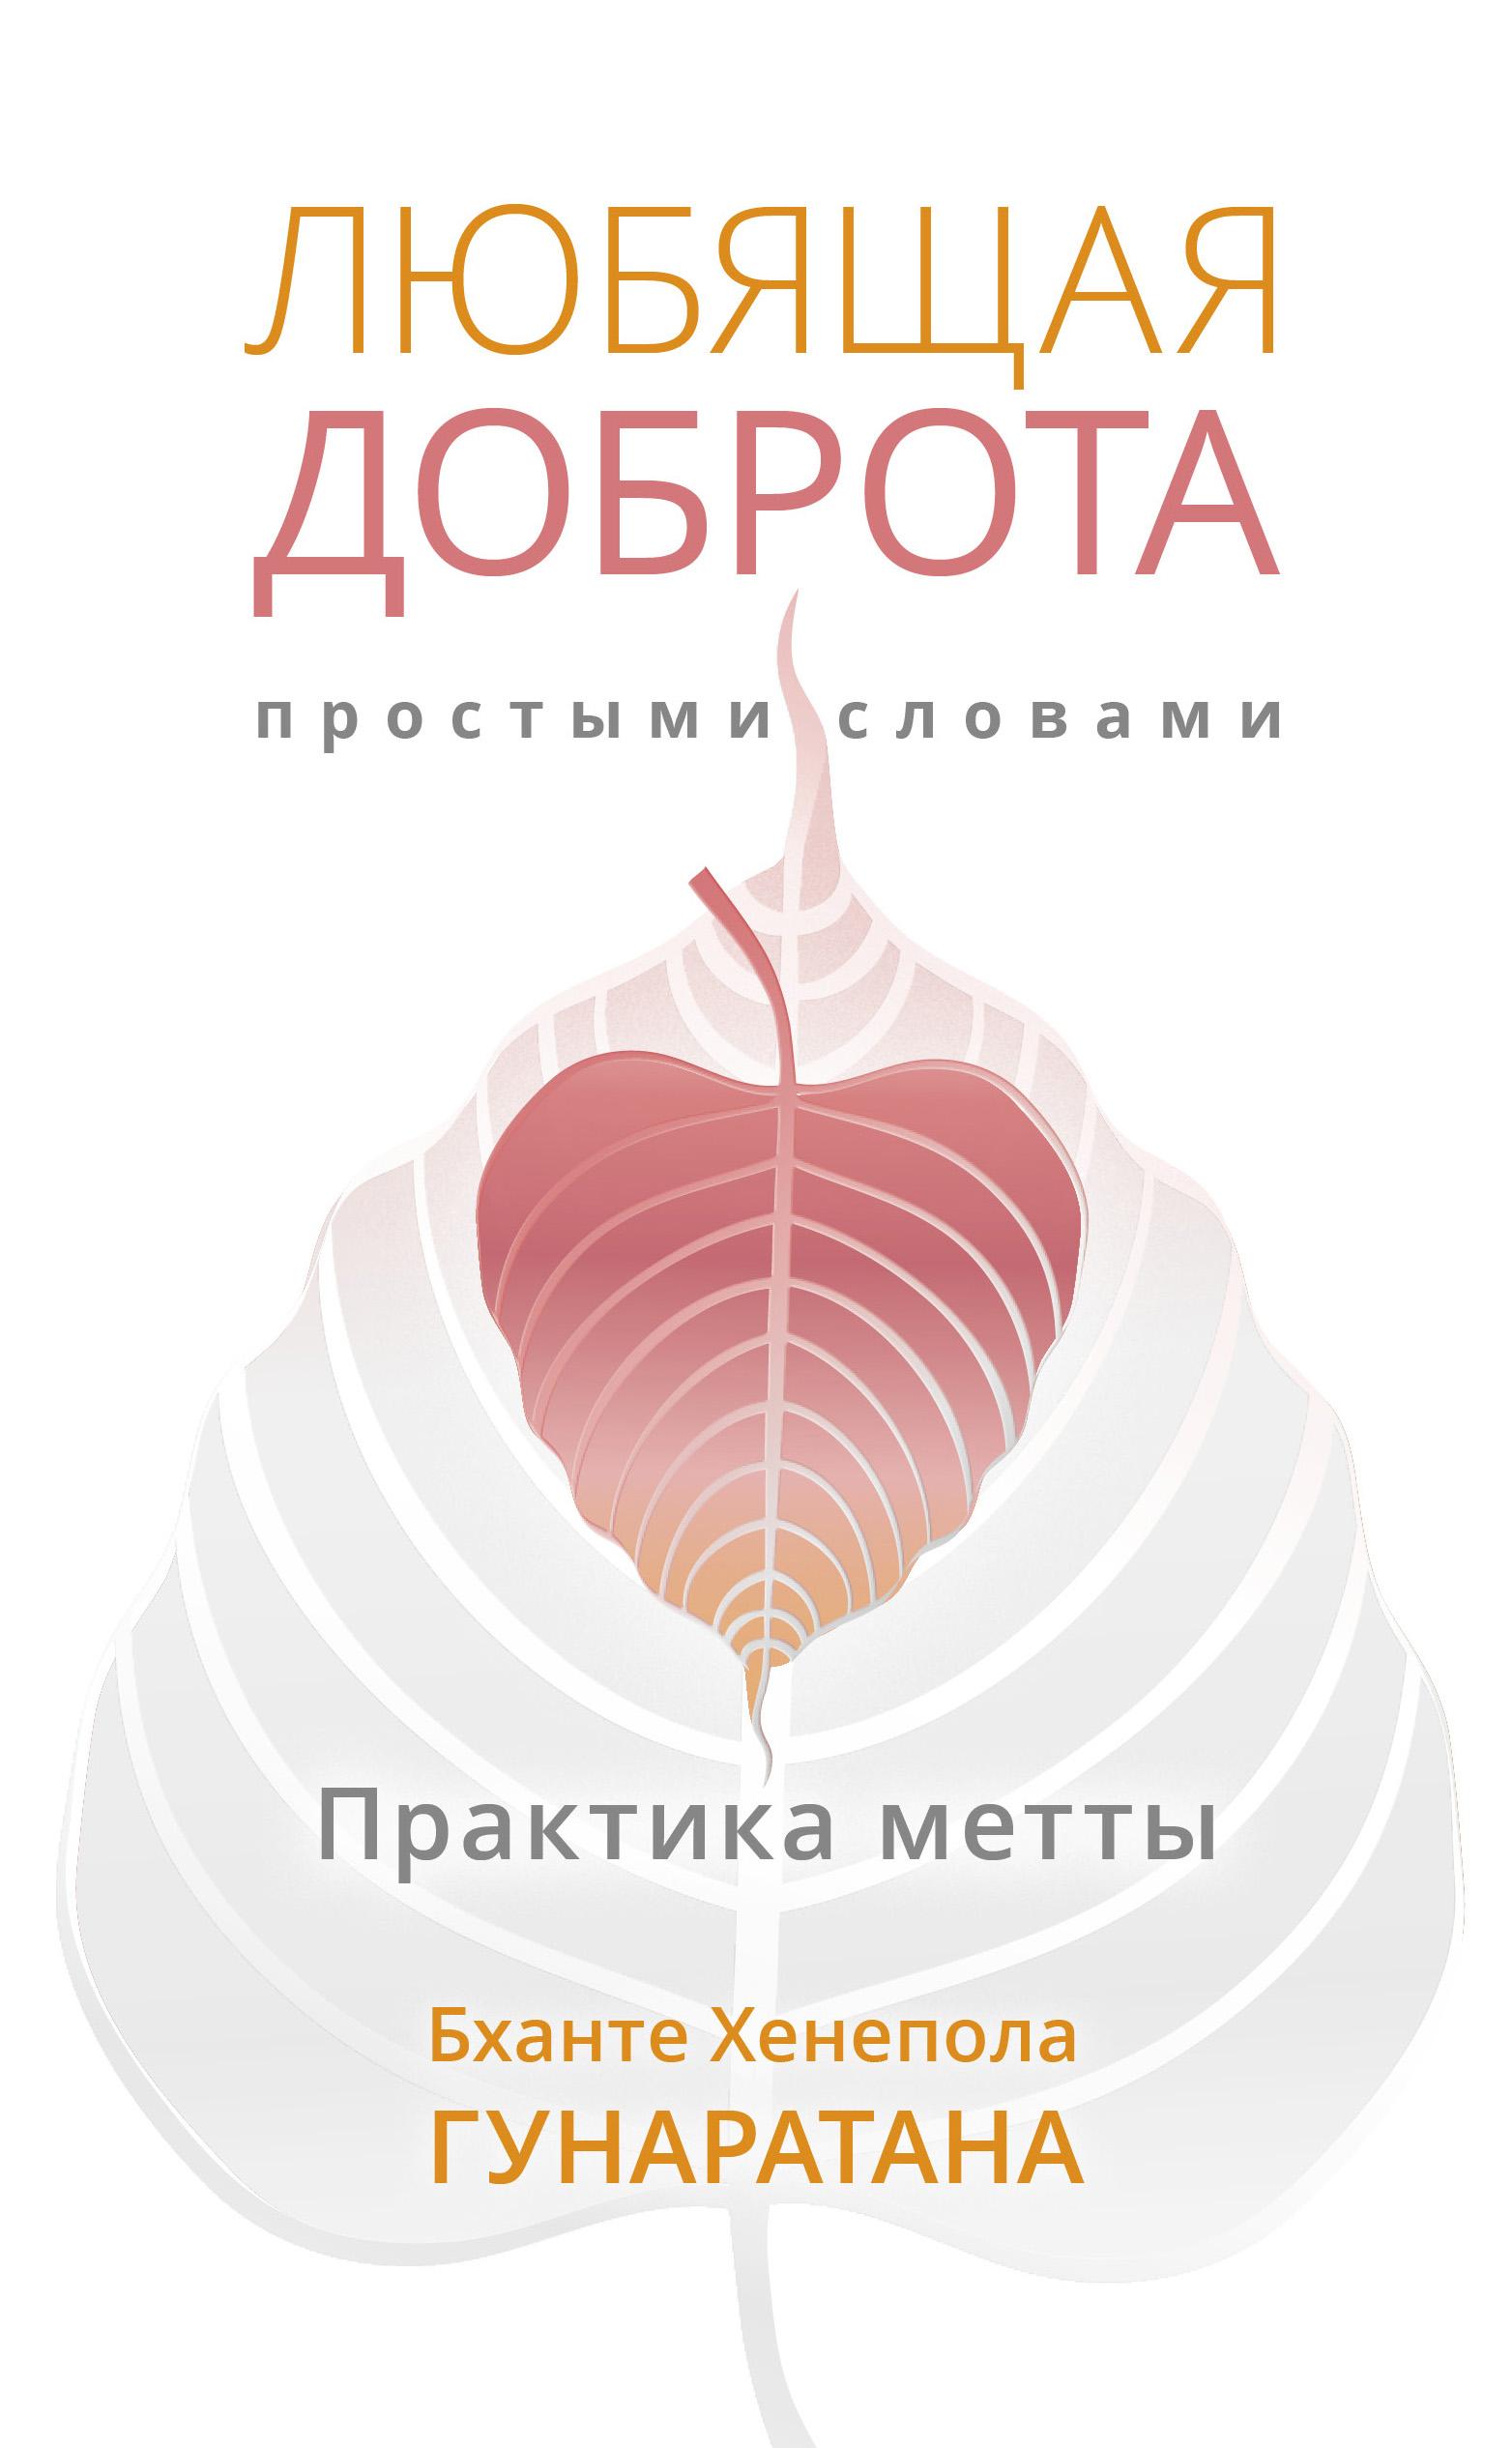 Бханте Хенепола Гунаратана, Ольга Турухина «Любящая доброта простыми словами. Практика метты»